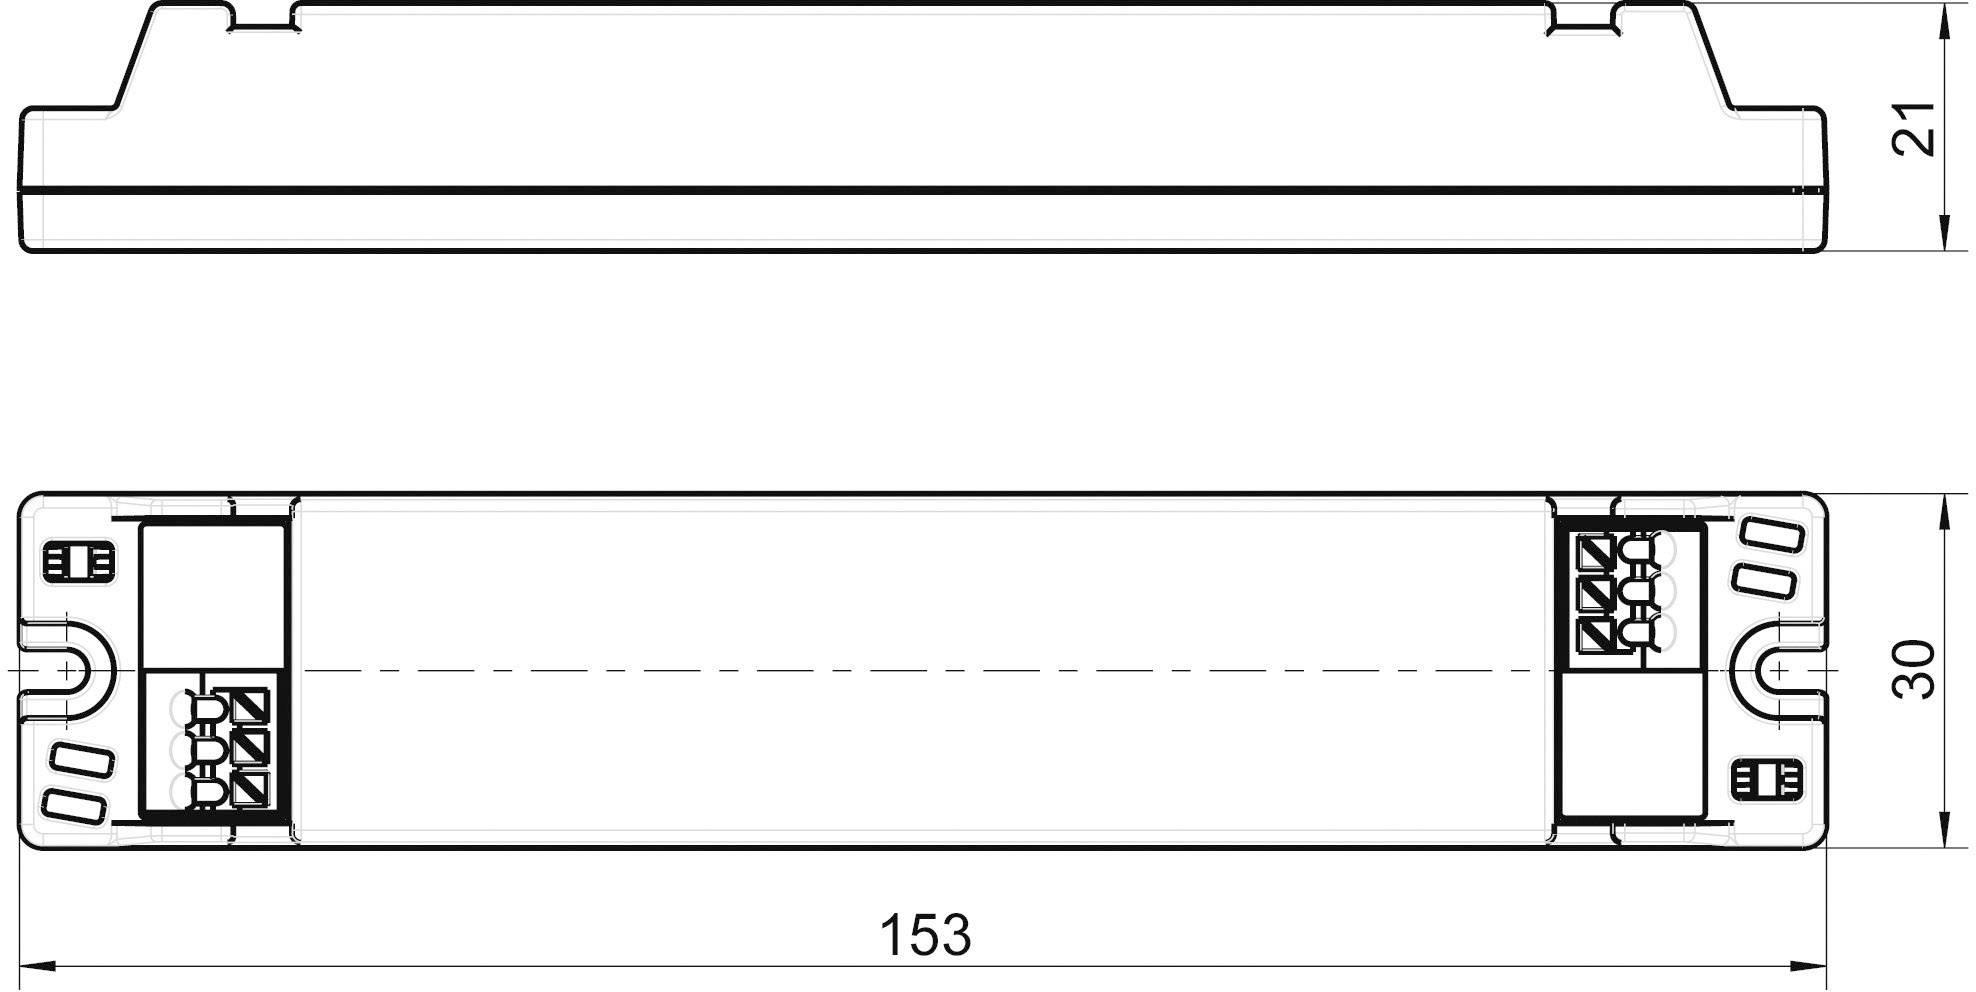 Napájací zdroj pre LED, LED driver LT20-24/833, 0.87 A, 15 - 24 V/DC